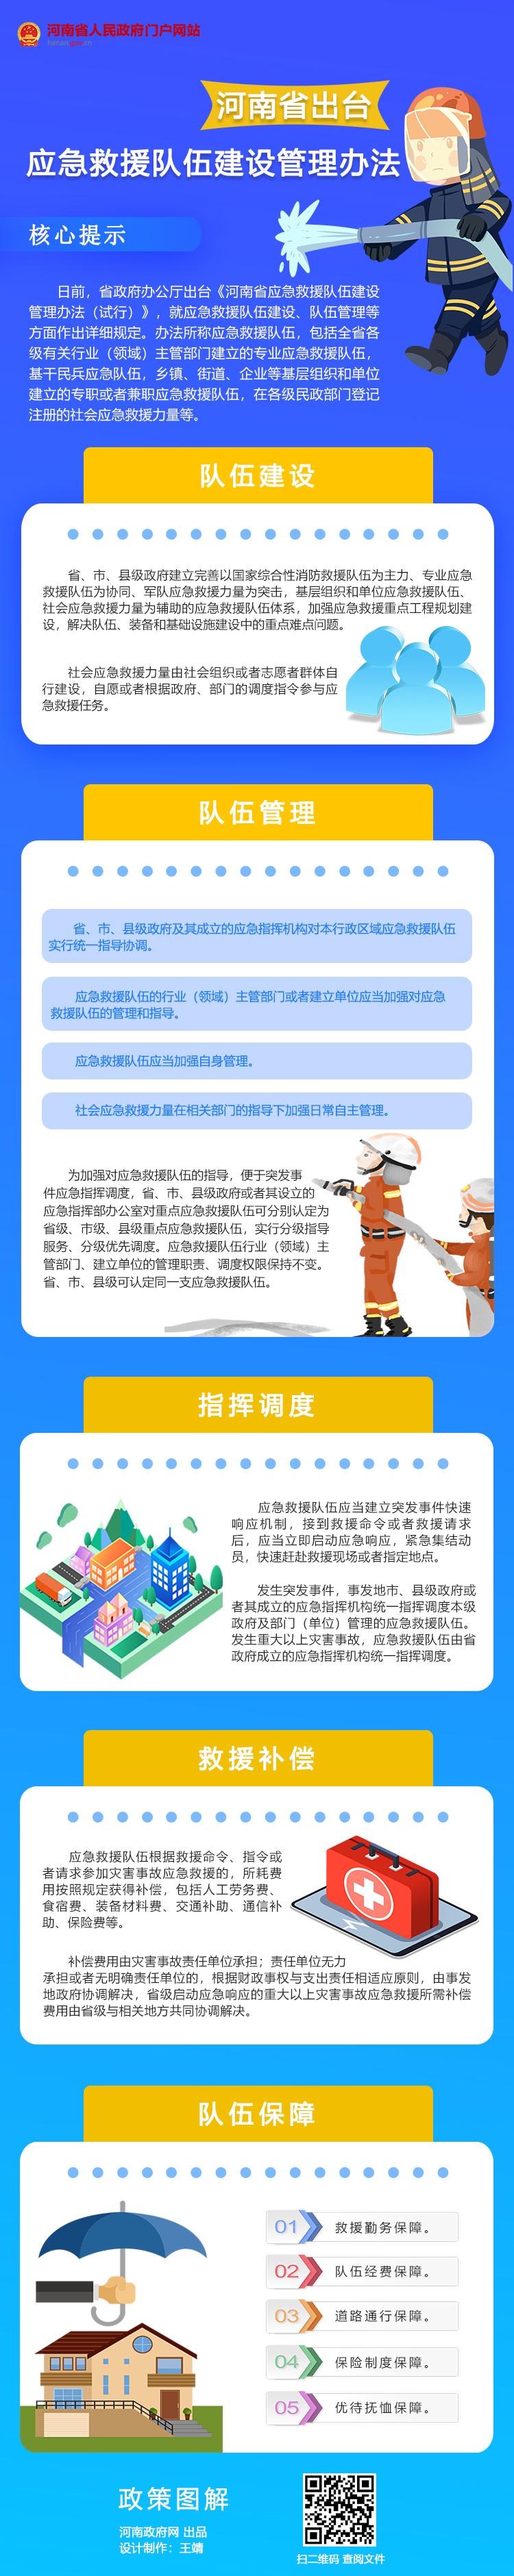 图解:河南出台应急救援队伍建设管理办法